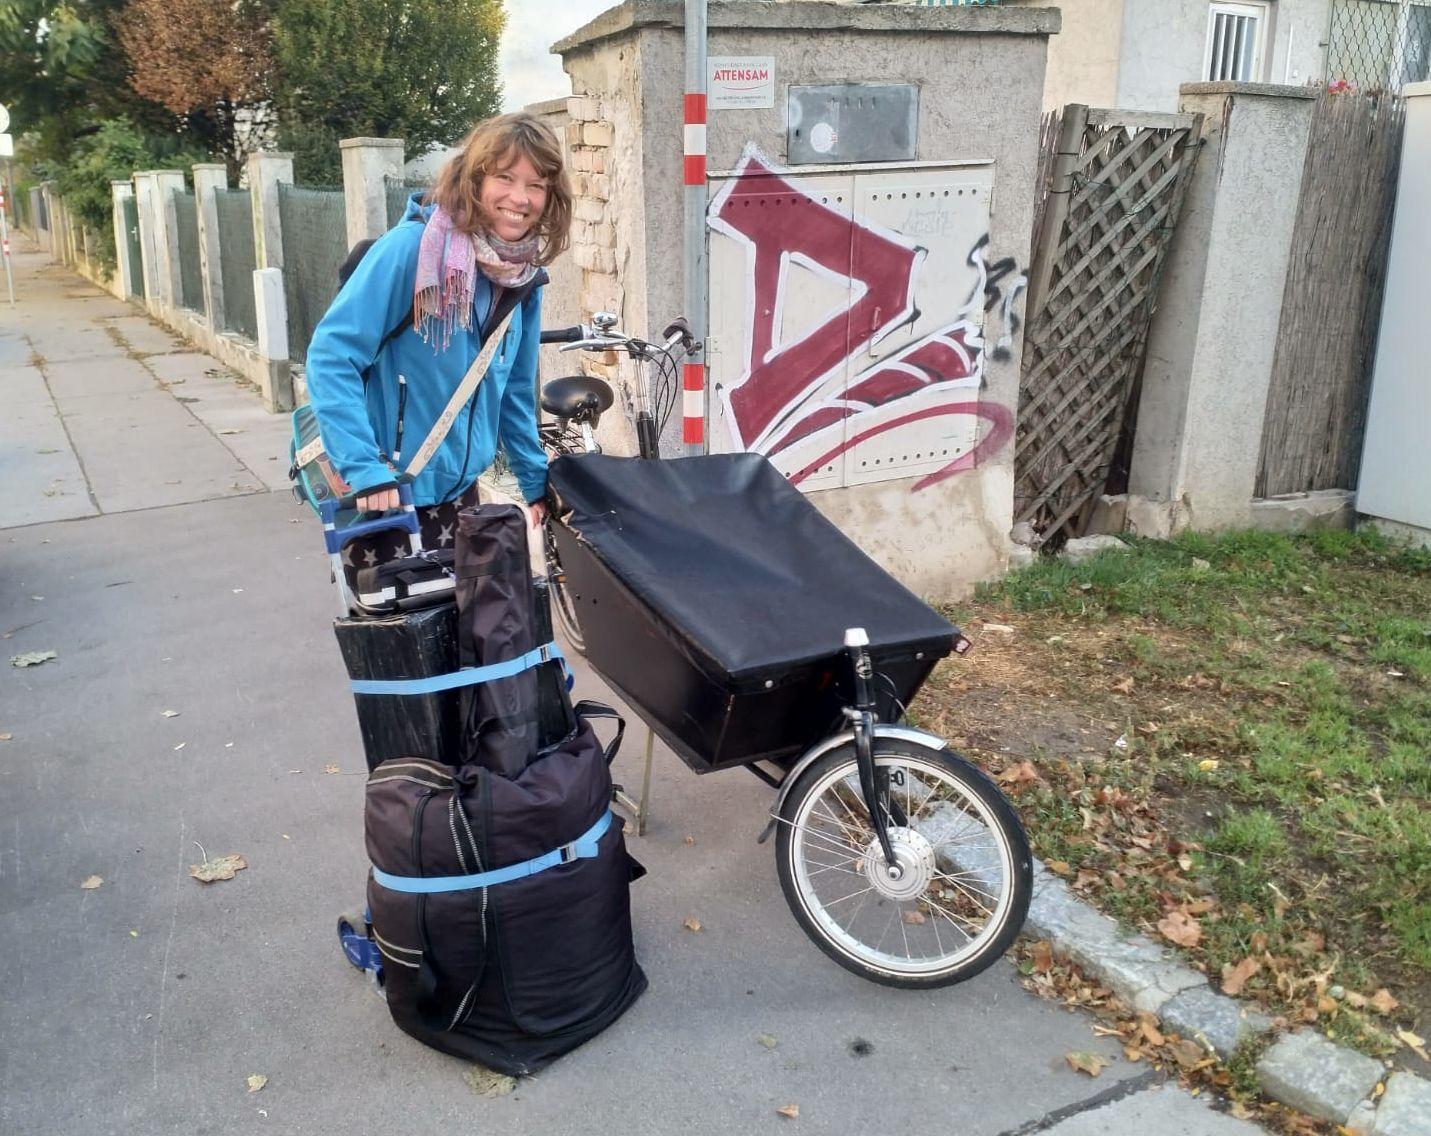 Ruth beim Einpacken der Taschen in ihr Bakfiets